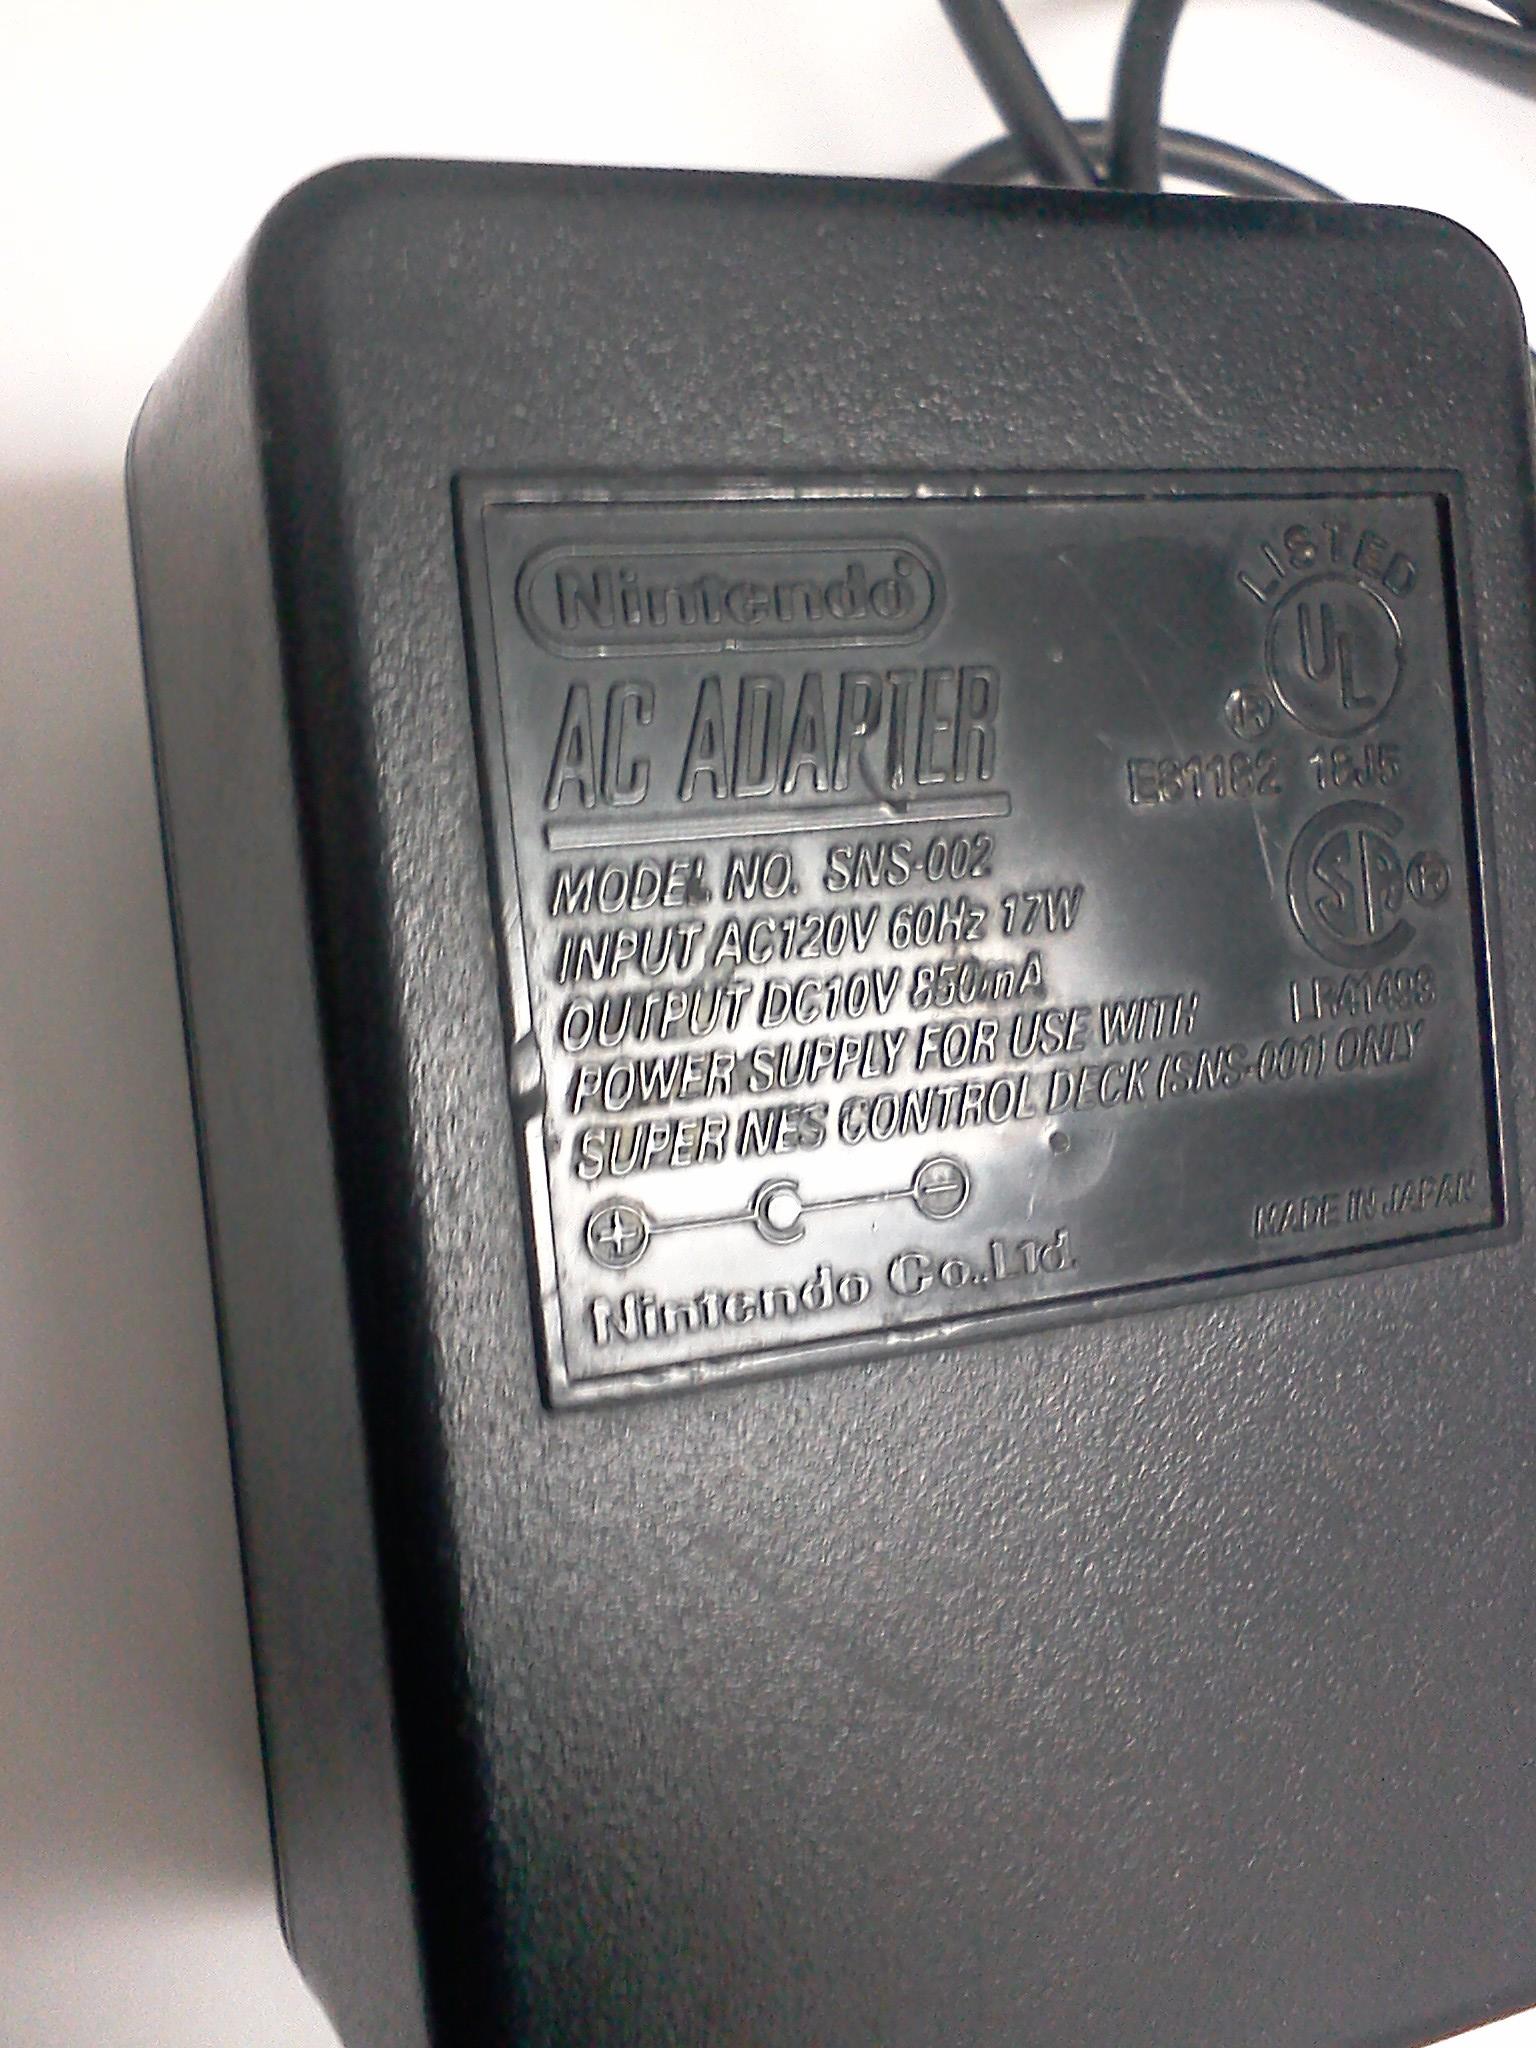 SNES (Super Nintendo Emulated System)